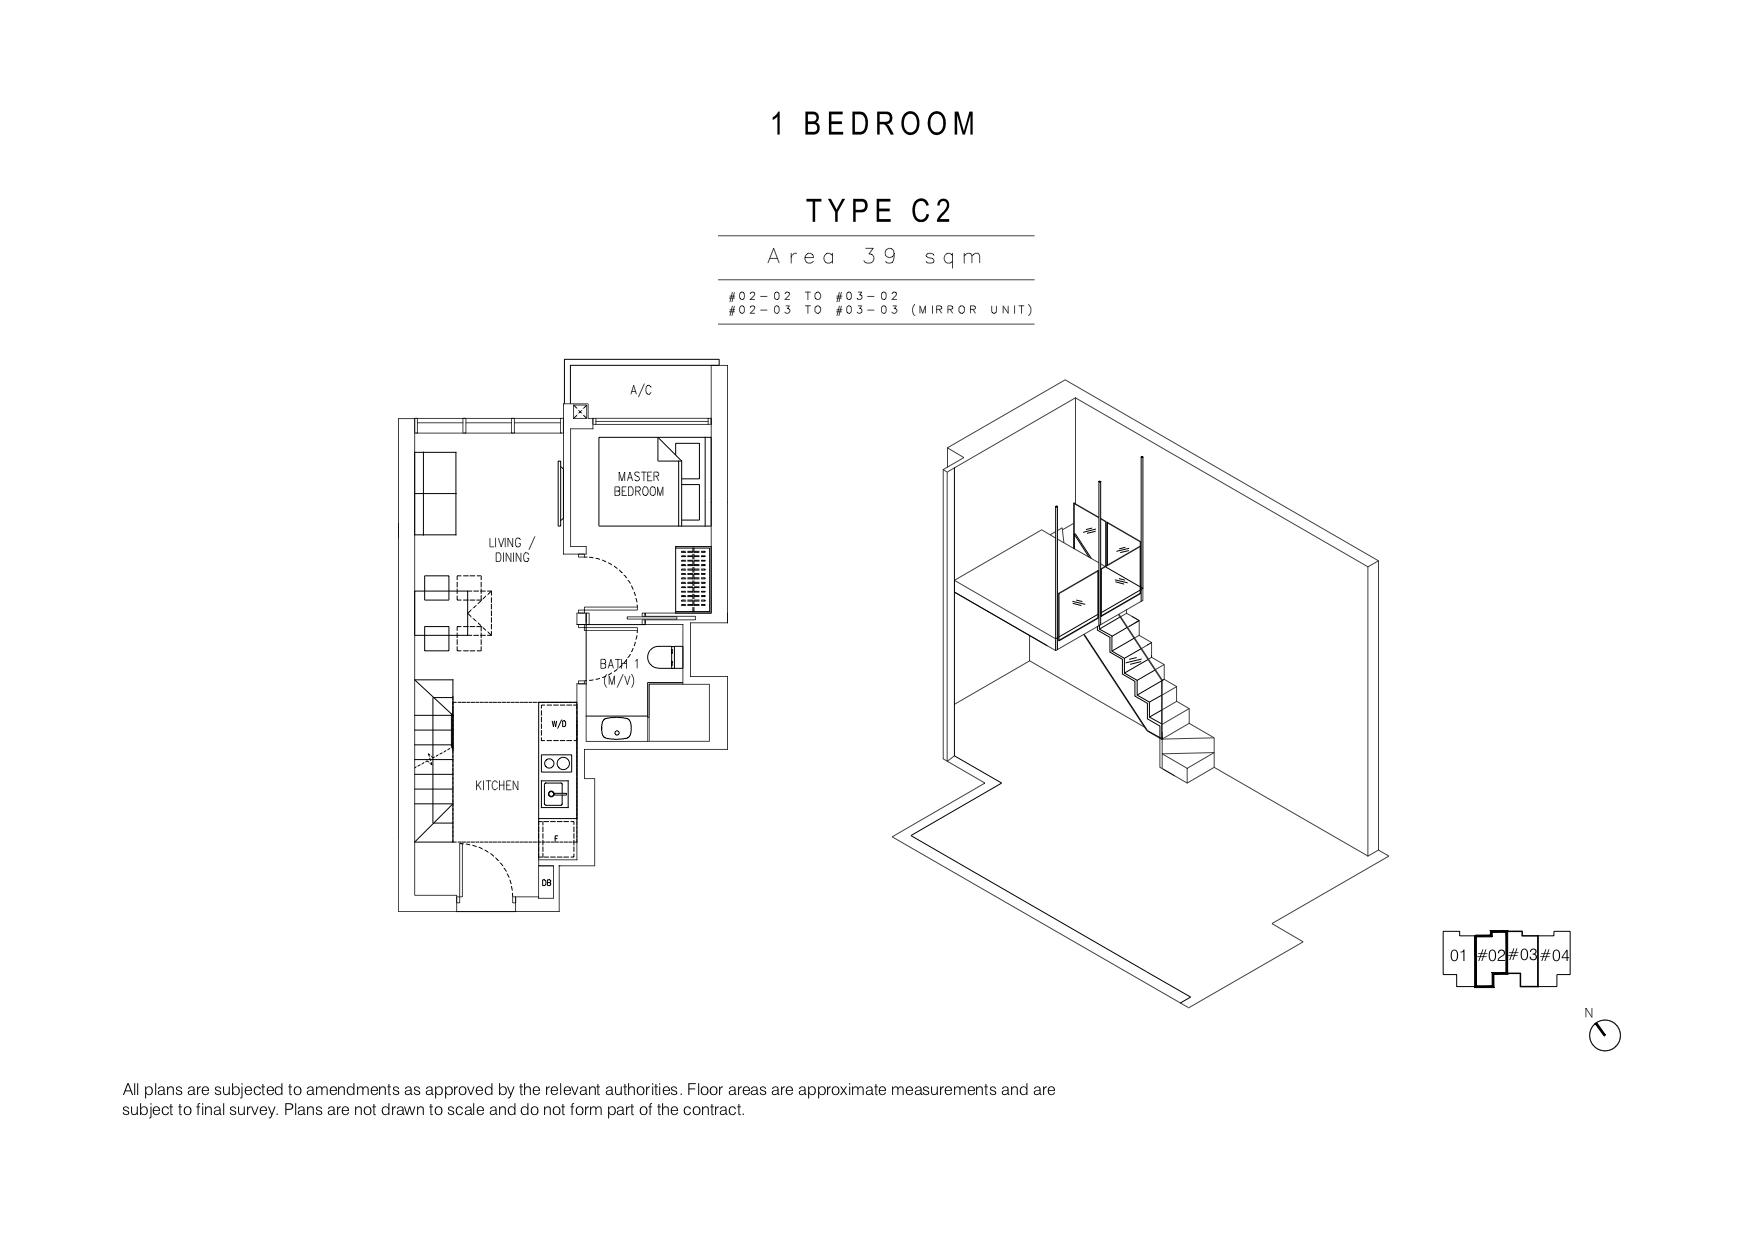 120 Grange 1 Bedroom type C2